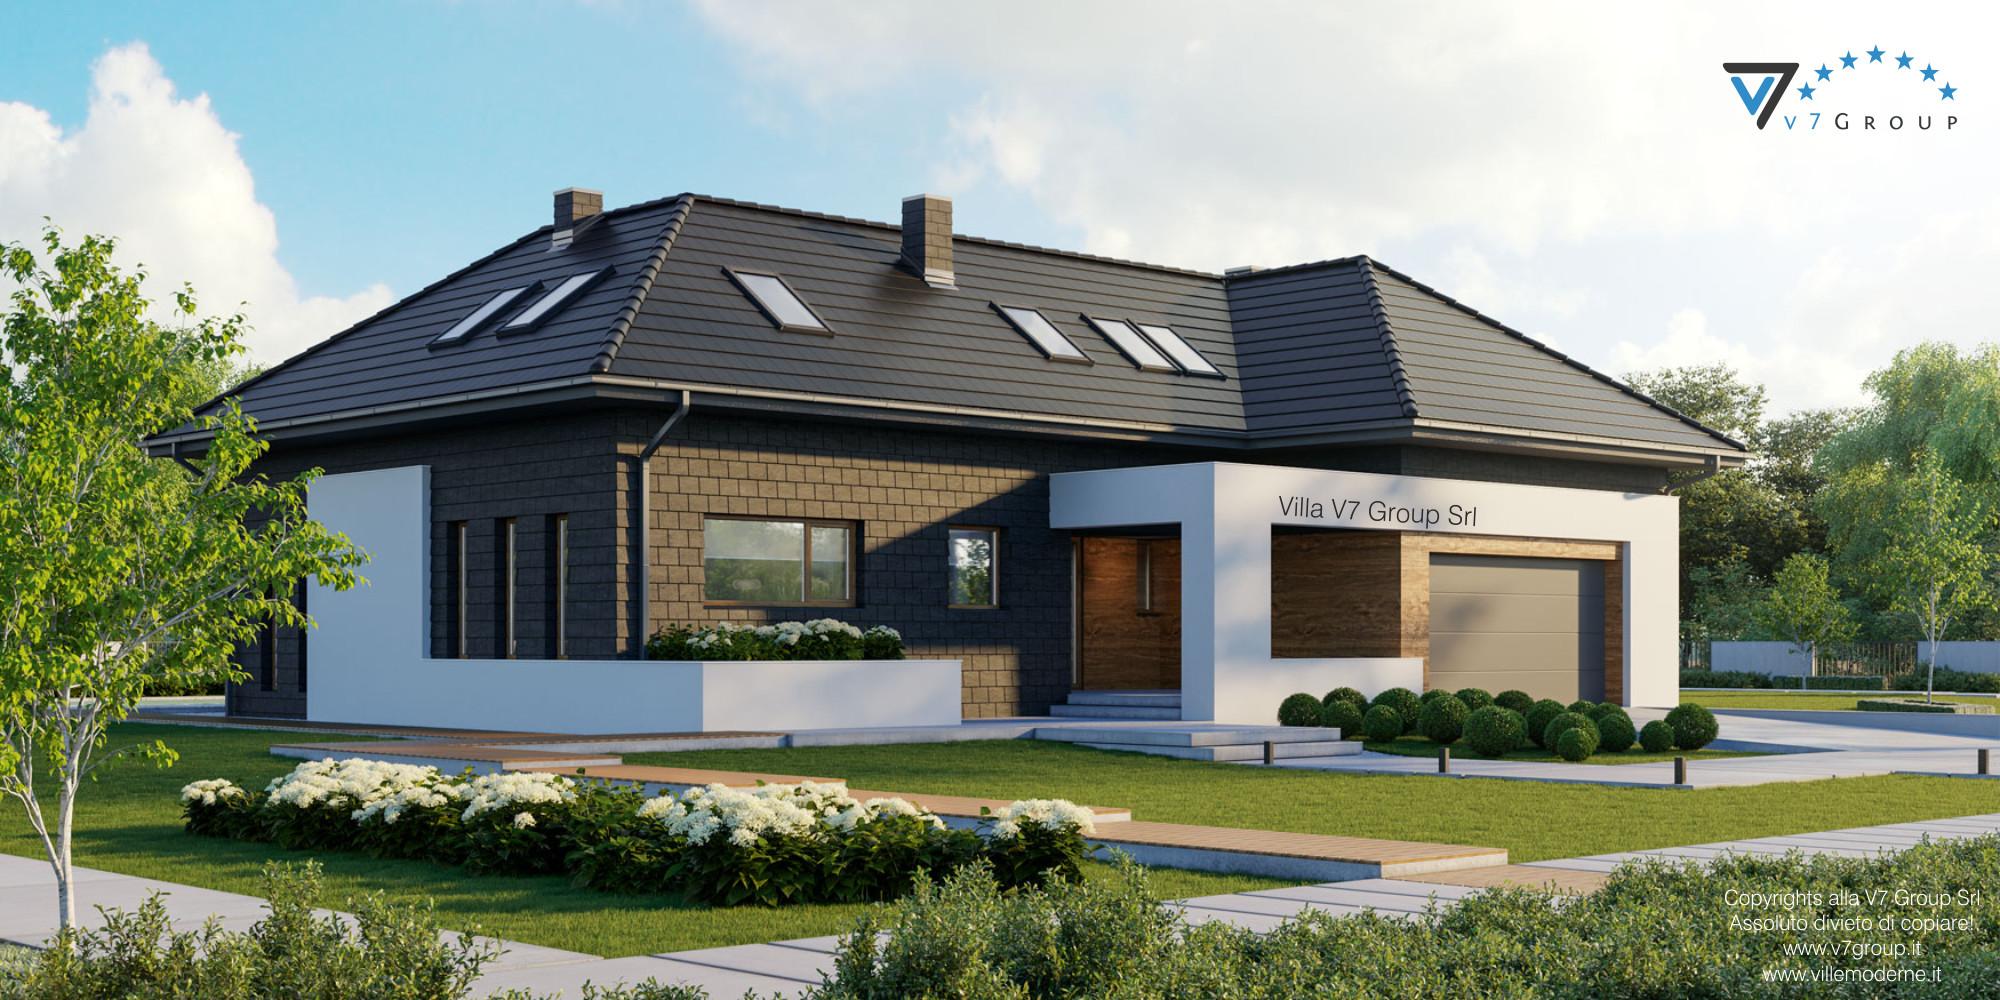 Immagine Villa V13 - nowy - baner di grande dimensioni